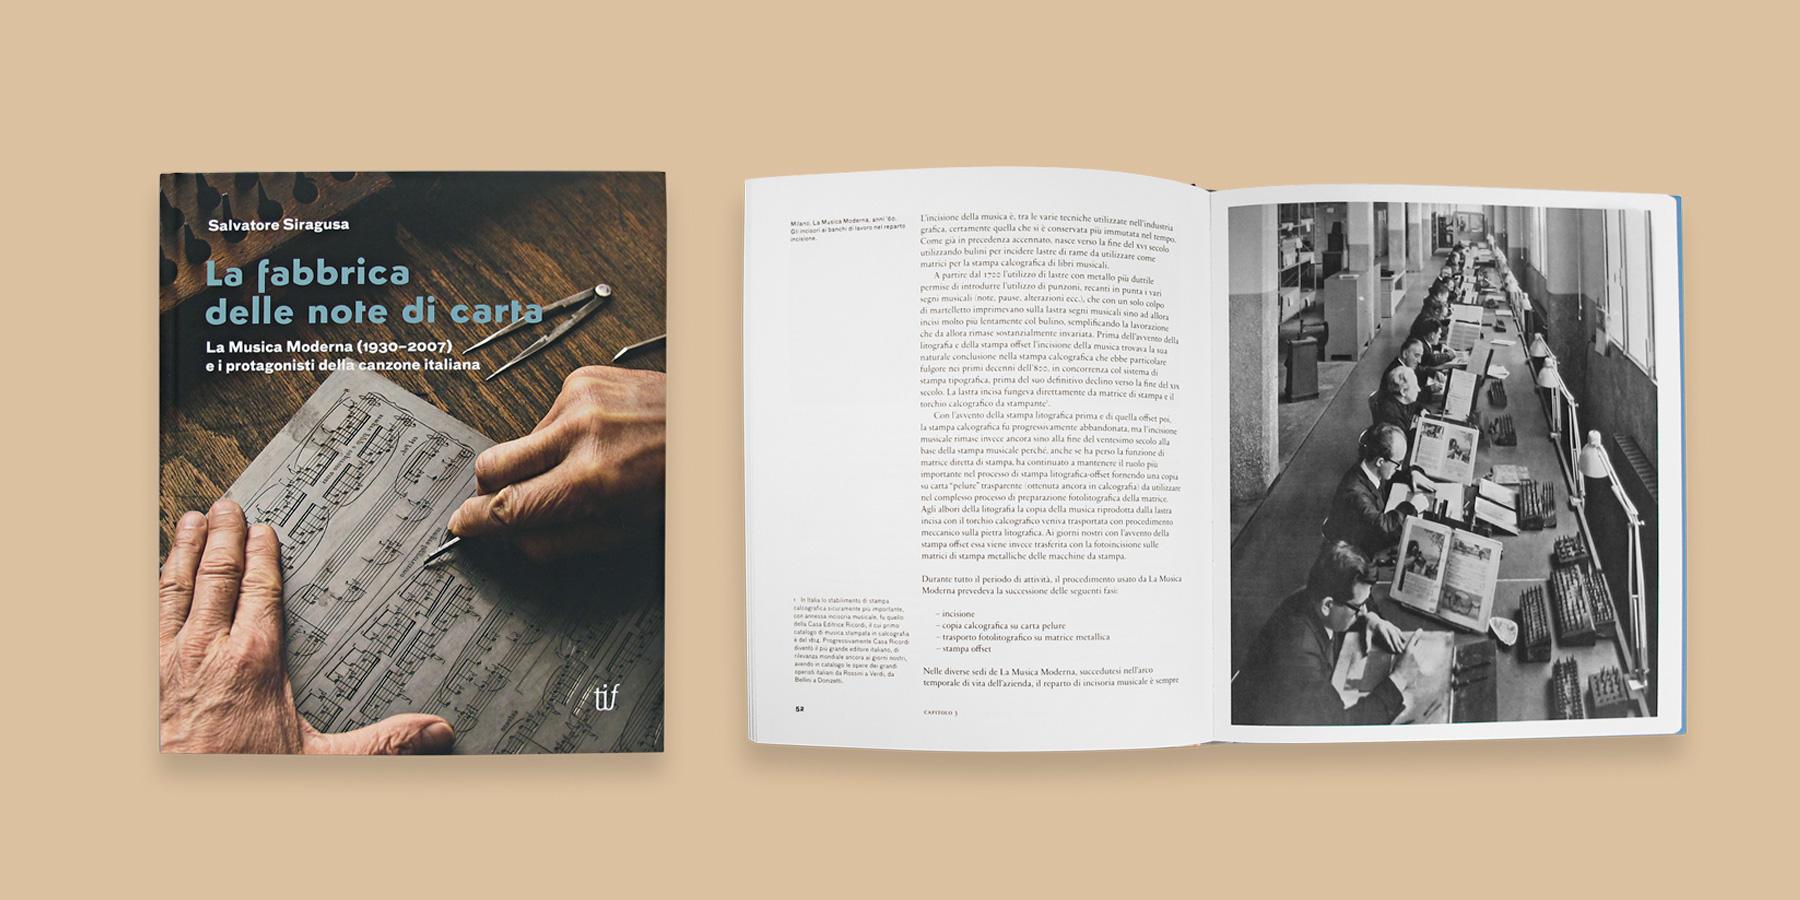 tipoteca_libro_la_fabbrica_delle_note_di_carta_interno